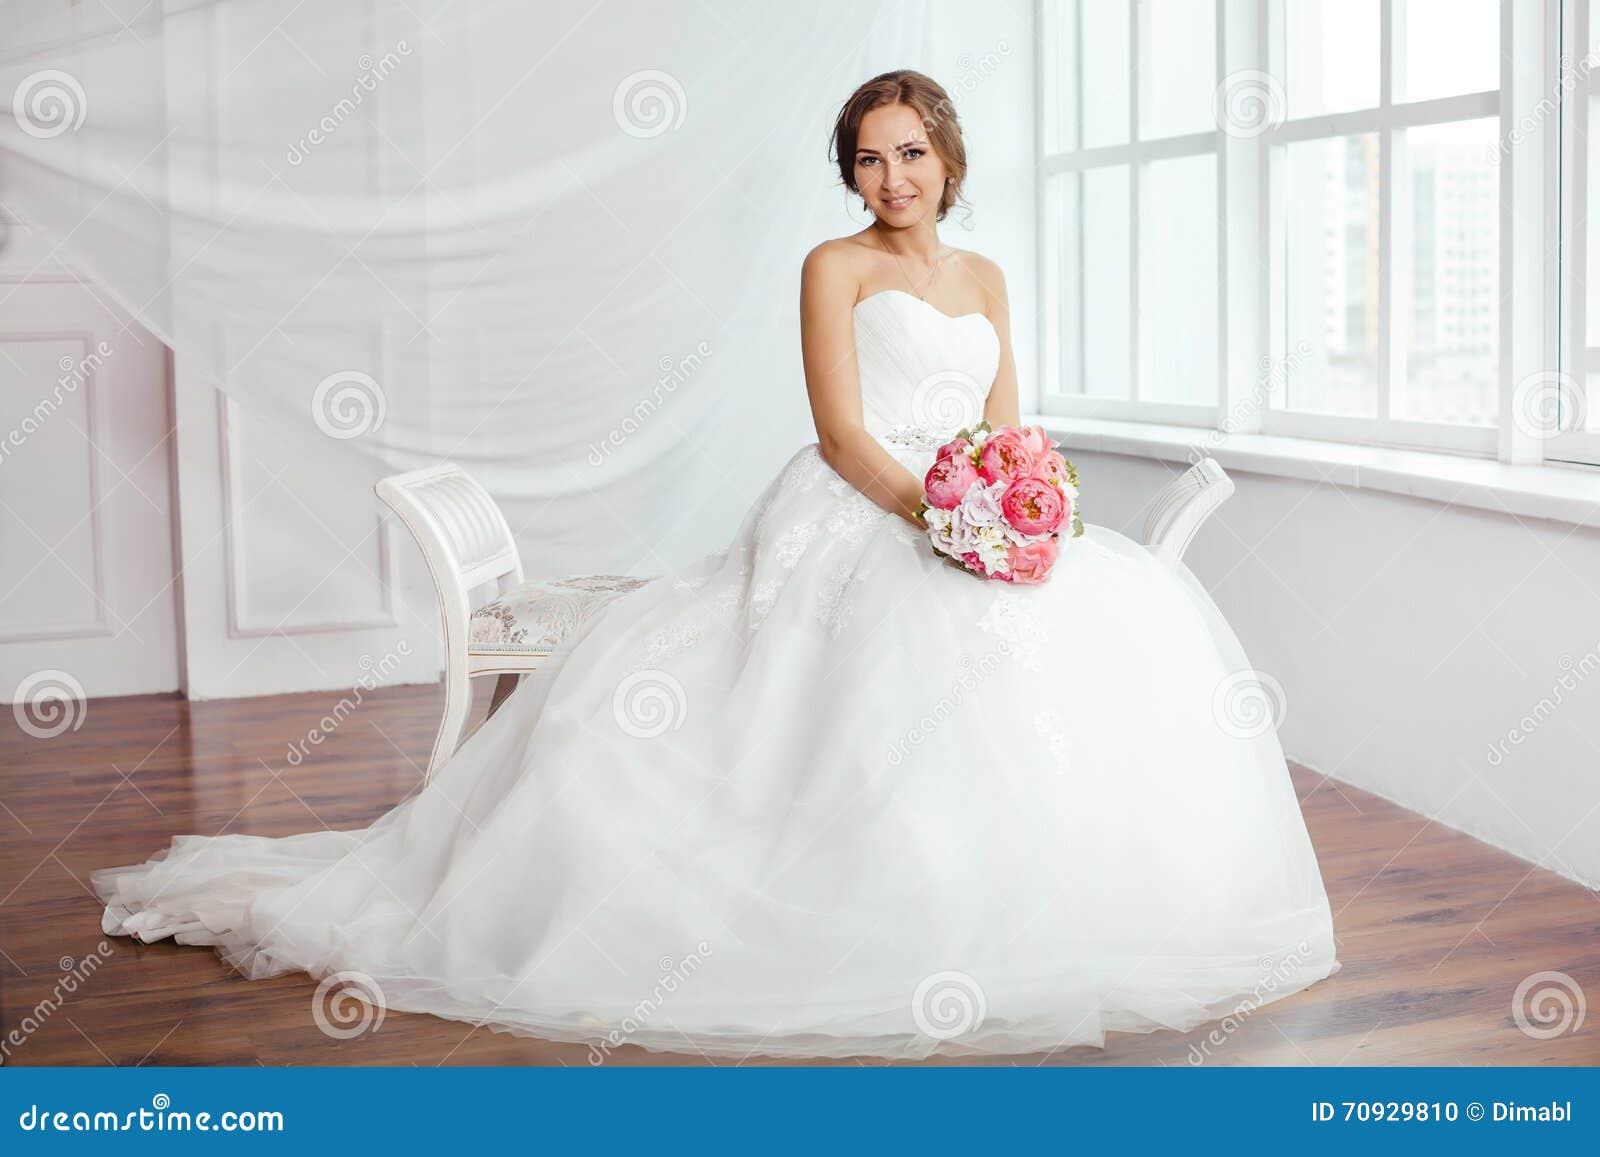 Die Braut Junge Frauen Mit Hochzeitskleid Im Sehr Hellen Raum ...